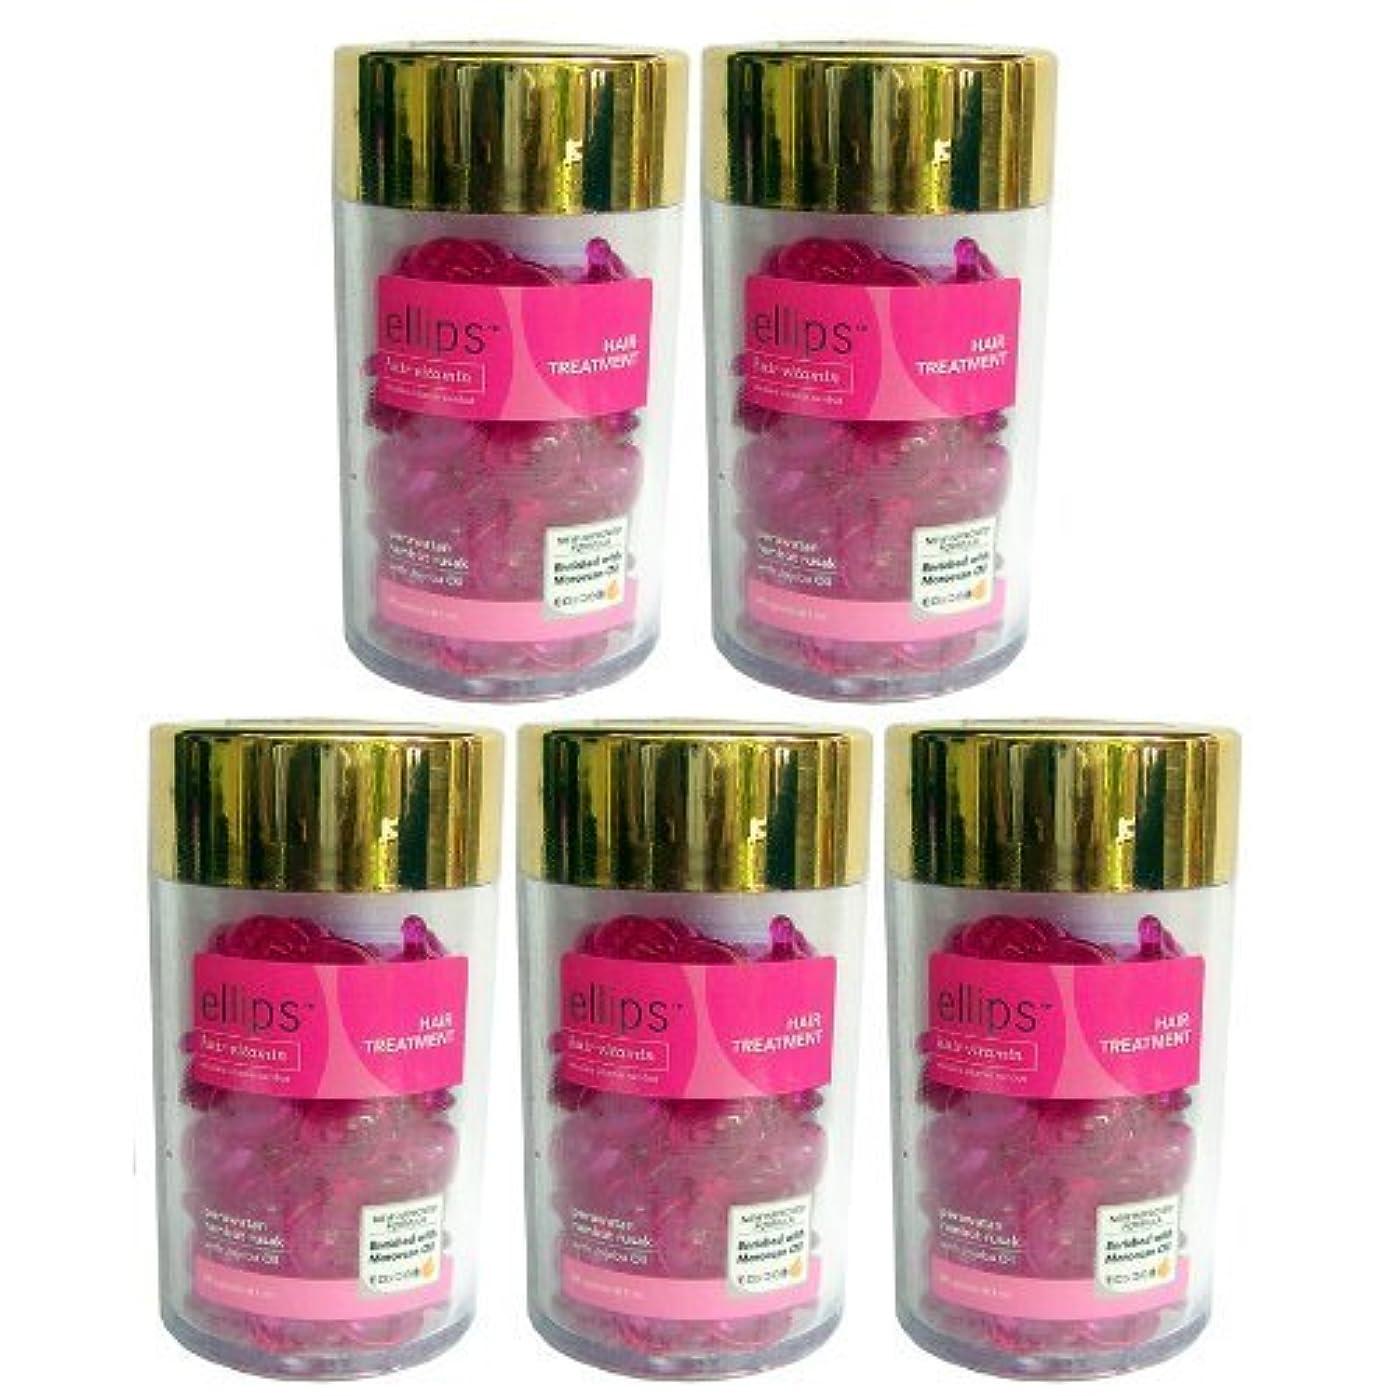 ひねり腫瘍祖母エリップス ellips ヘアビタミン洗い流さないヘアトリートメント(並行輸入品) (ピンク5本) [並行輸入品]